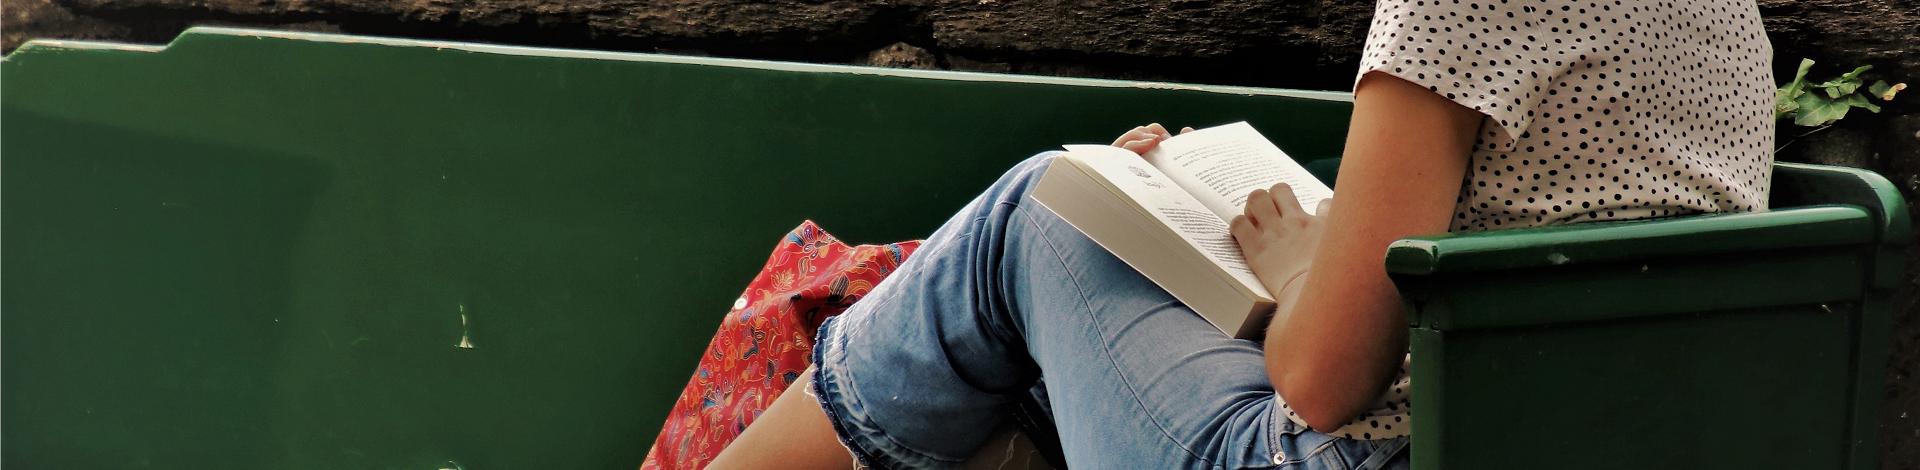 Kvinna som sitter på en grönparkbänk och läser en bok.